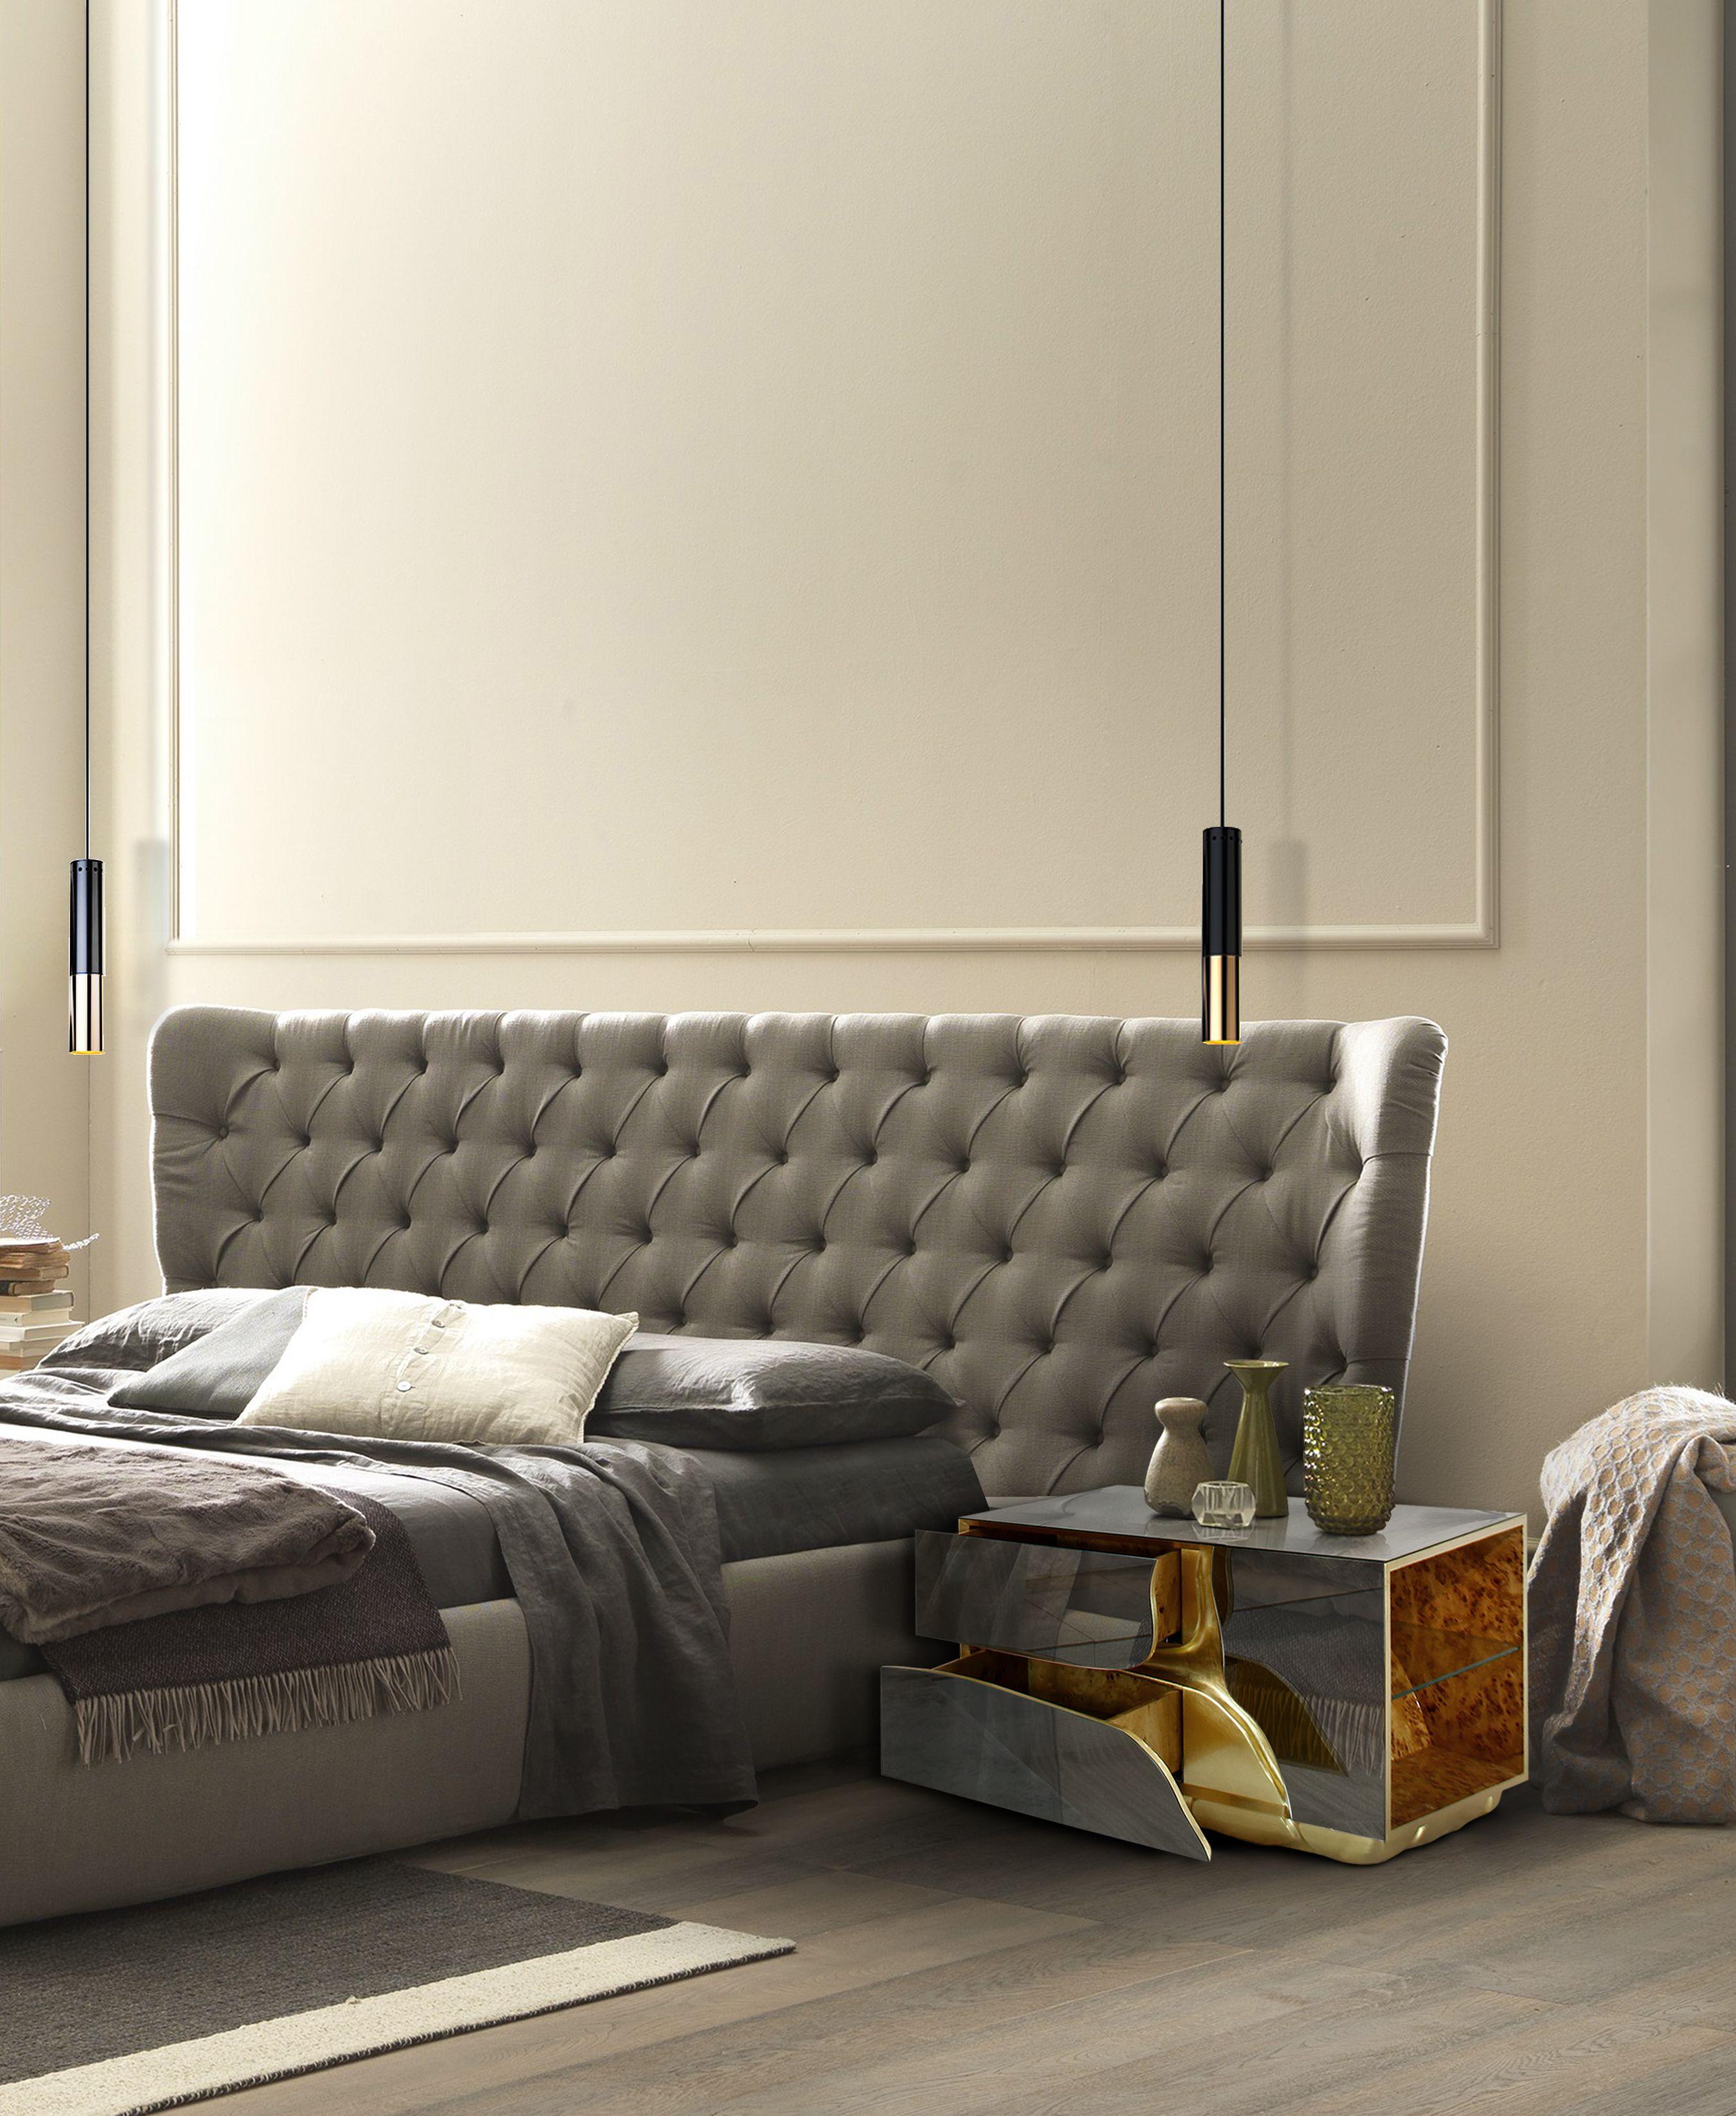 AuBergewohnlich Die Neue Luxus Schlafzimmer Deko Tendenzen 2017 U003e Entedecken Sie Die  Erstaunliche Luxus Tendenzen 2017 |